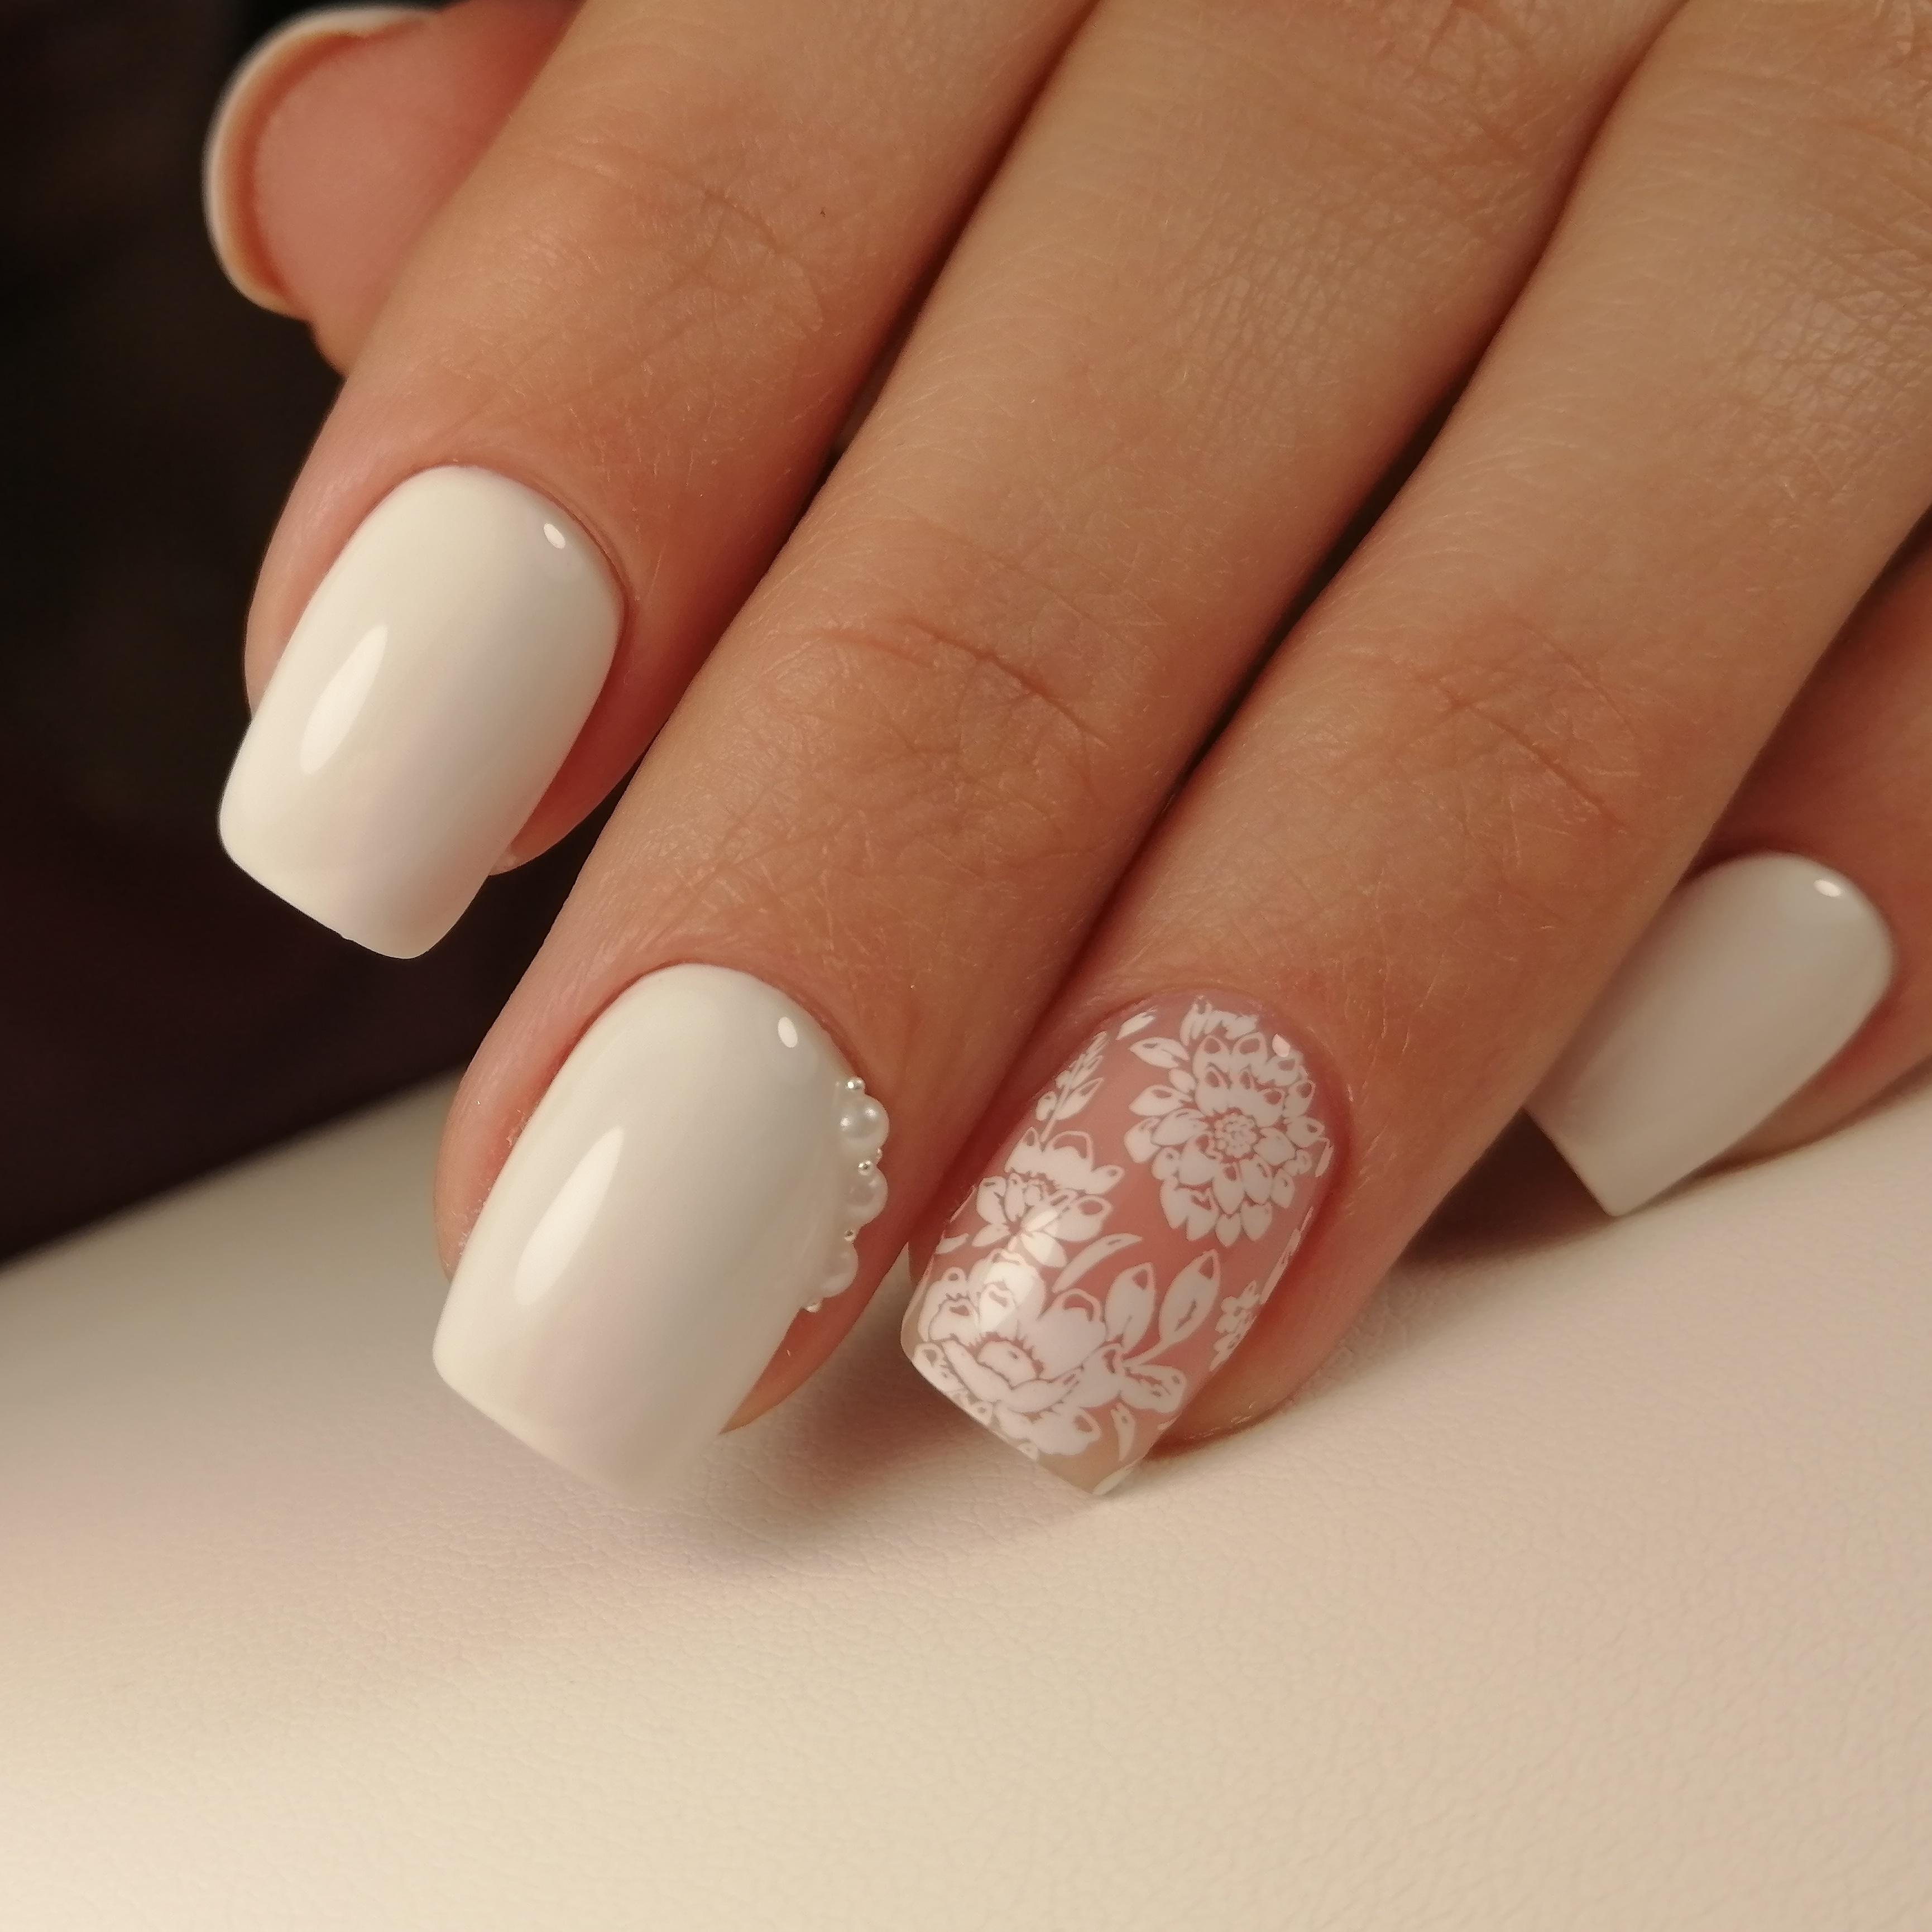 Маникюр с цветочным стемпингом и стразами в молочном цвете на короткие ногти.